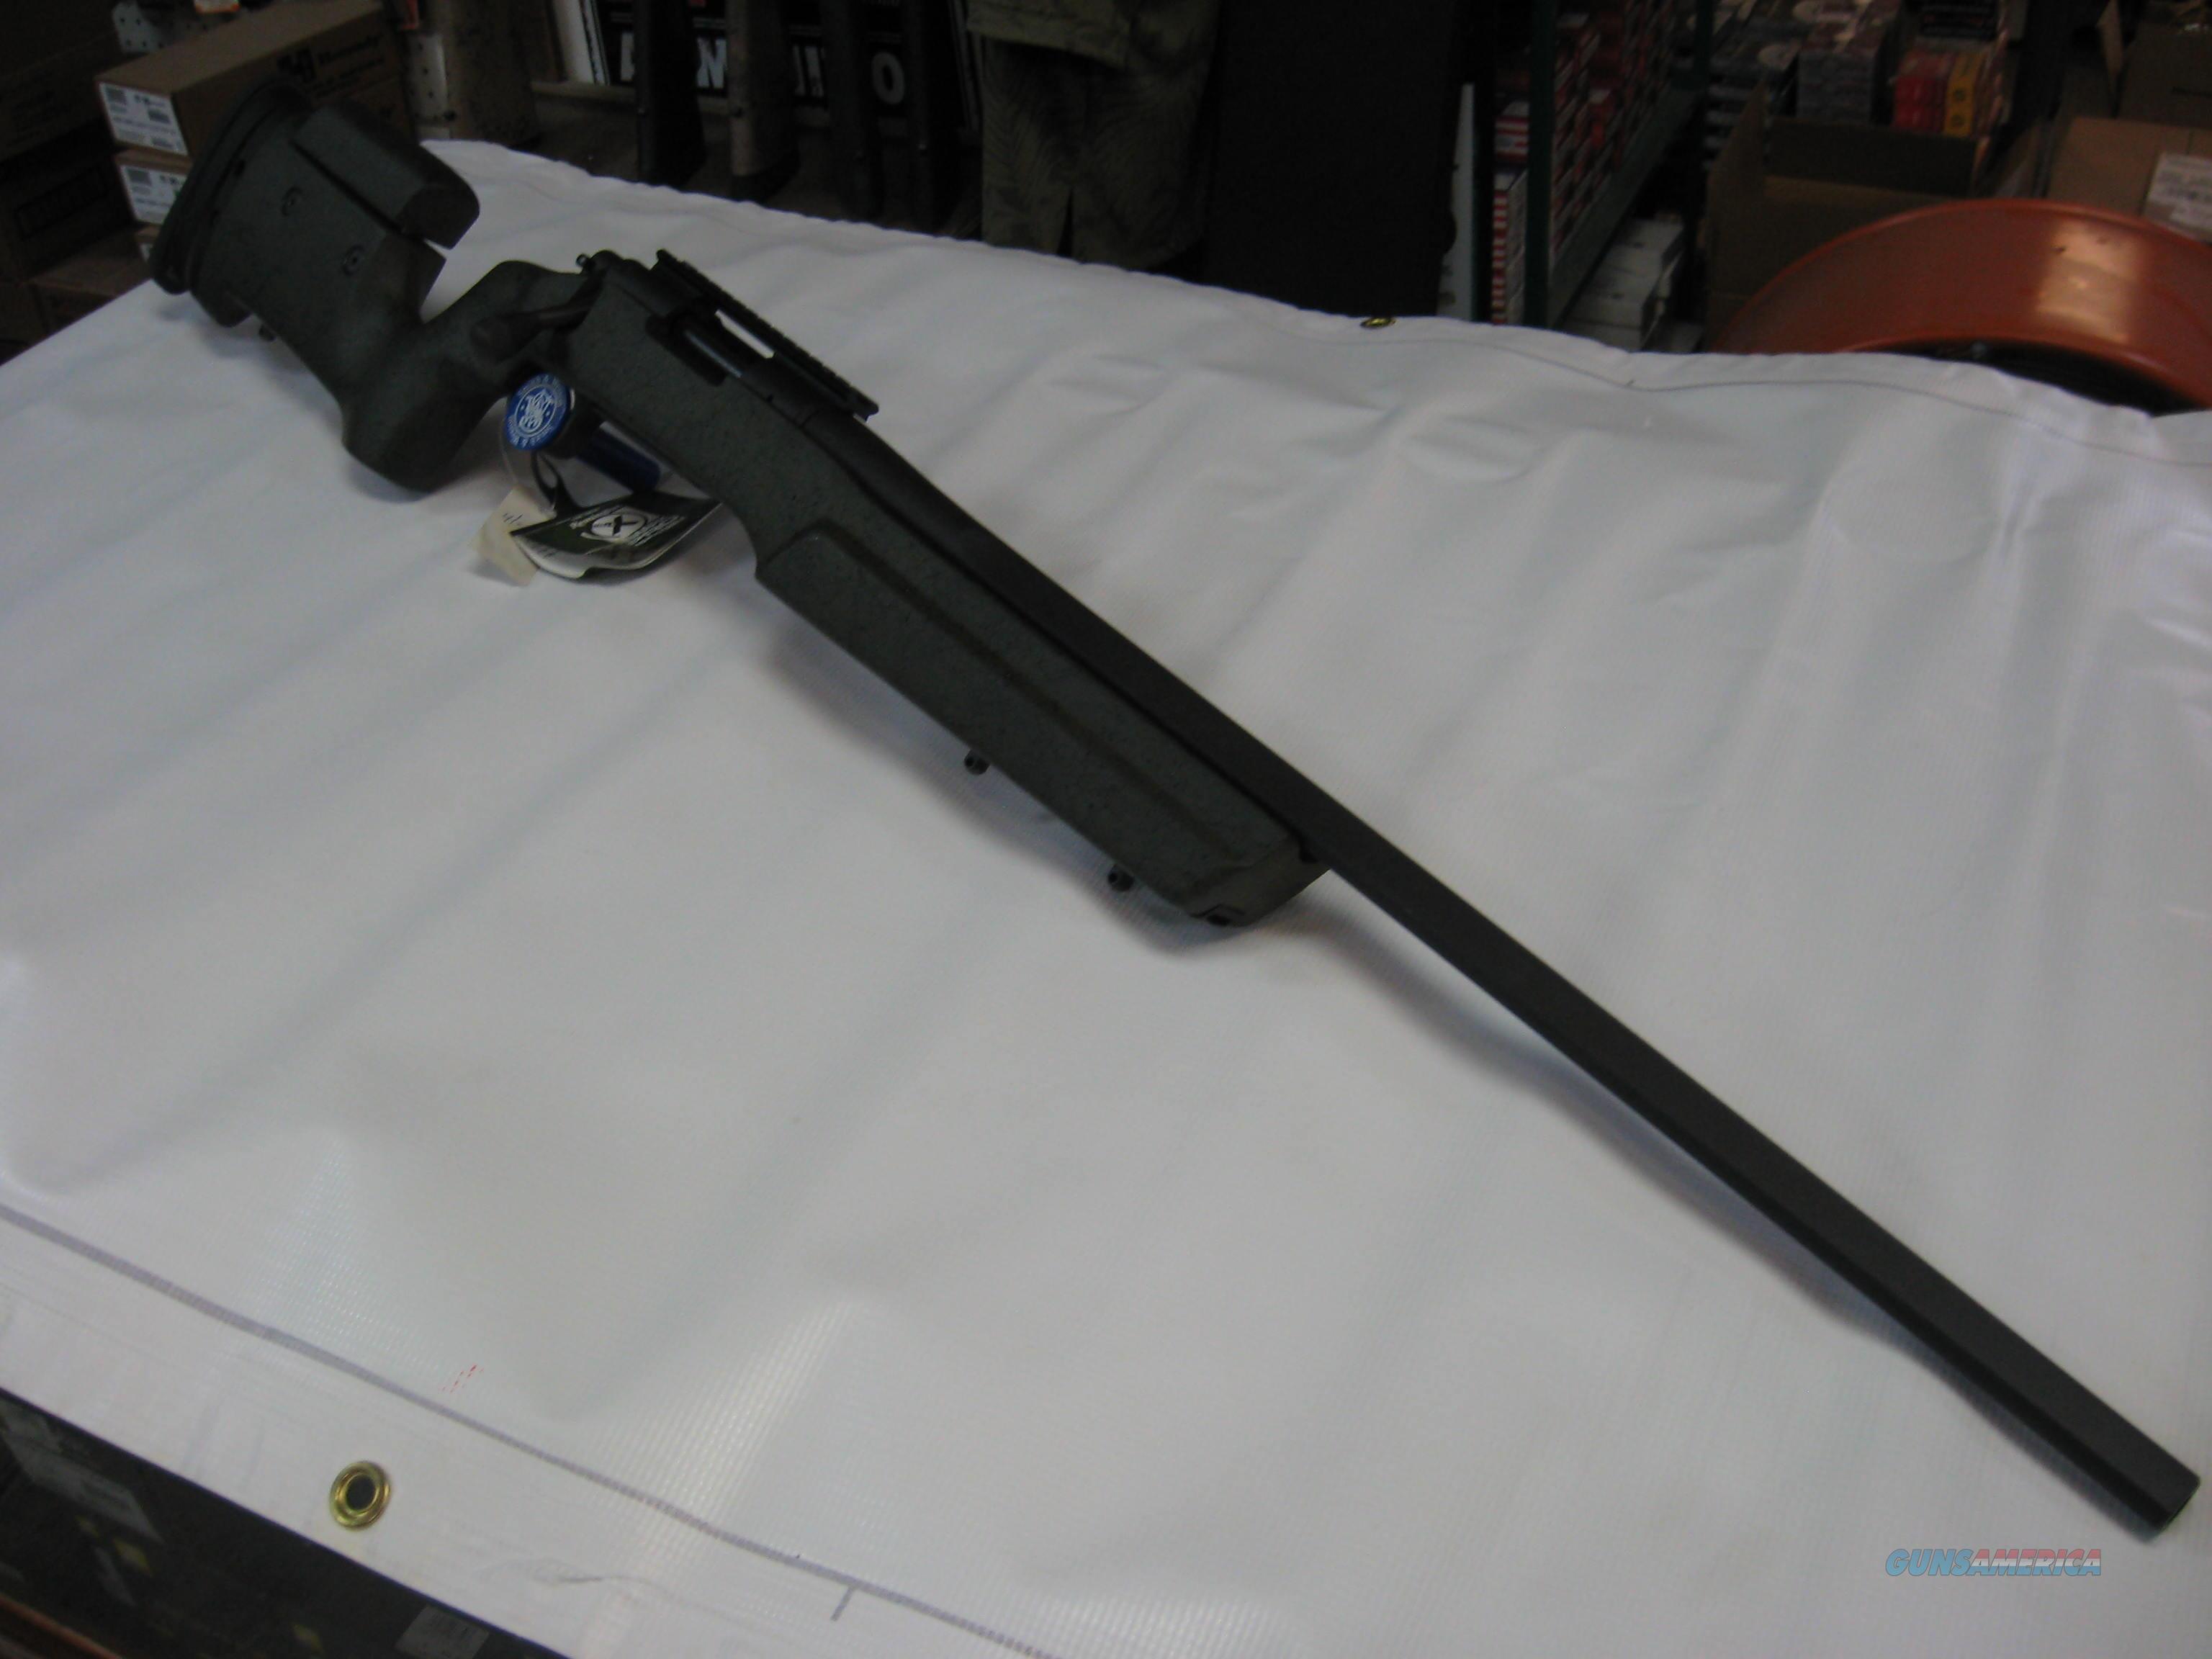 Remington 700 Target Tactical .308 Win  Guns > Rifles > Remington Rifles - Modern > Model 700 > Tactical